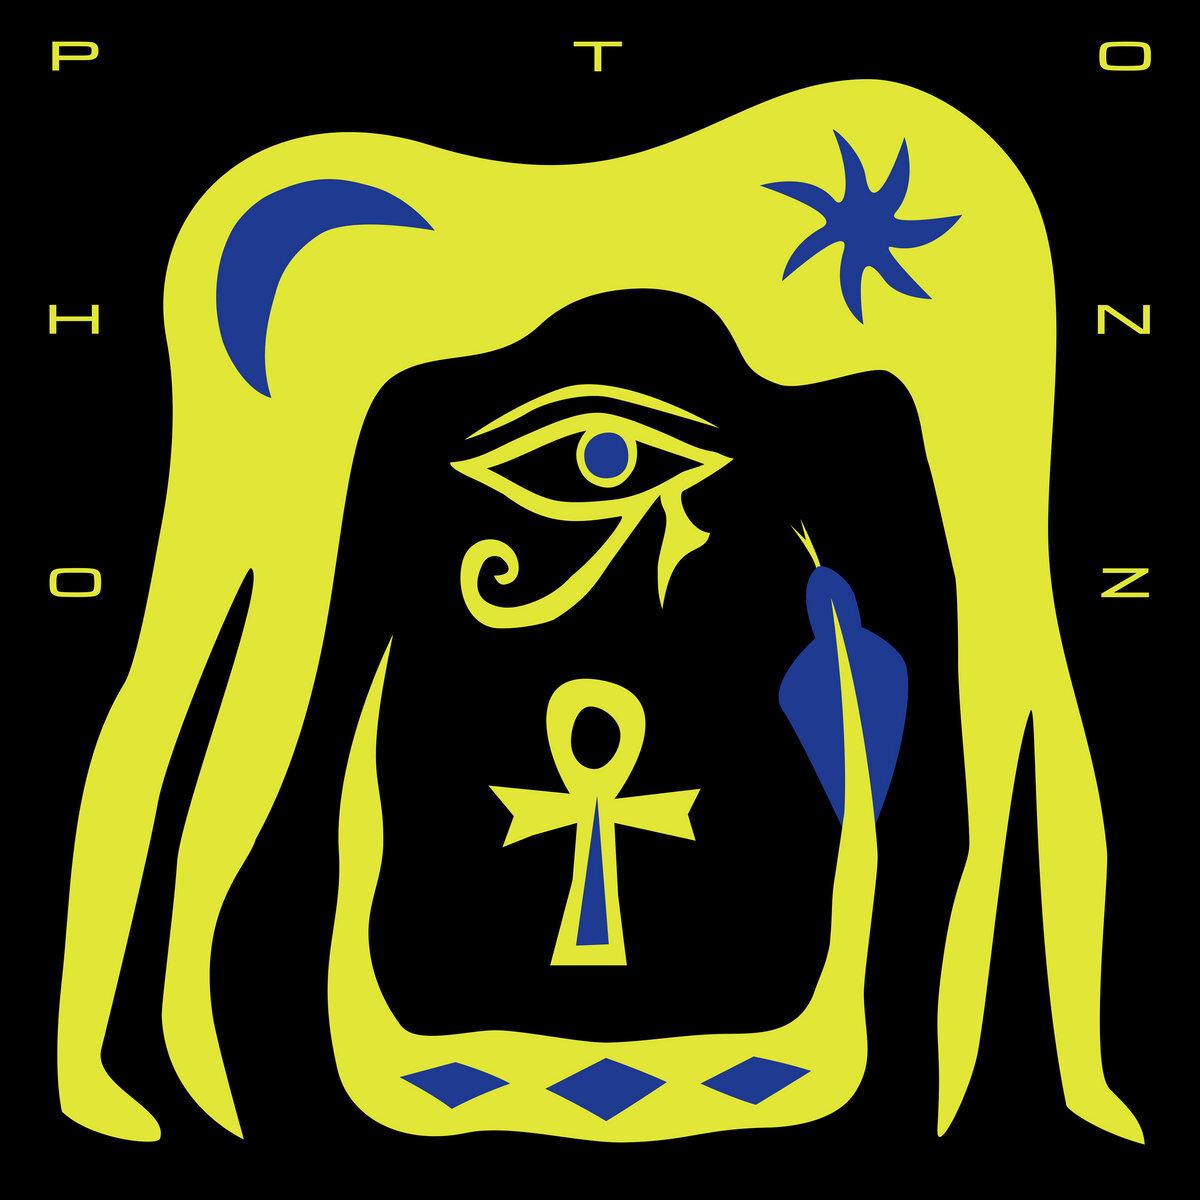 PHOTONZ - Nuit (2LP)